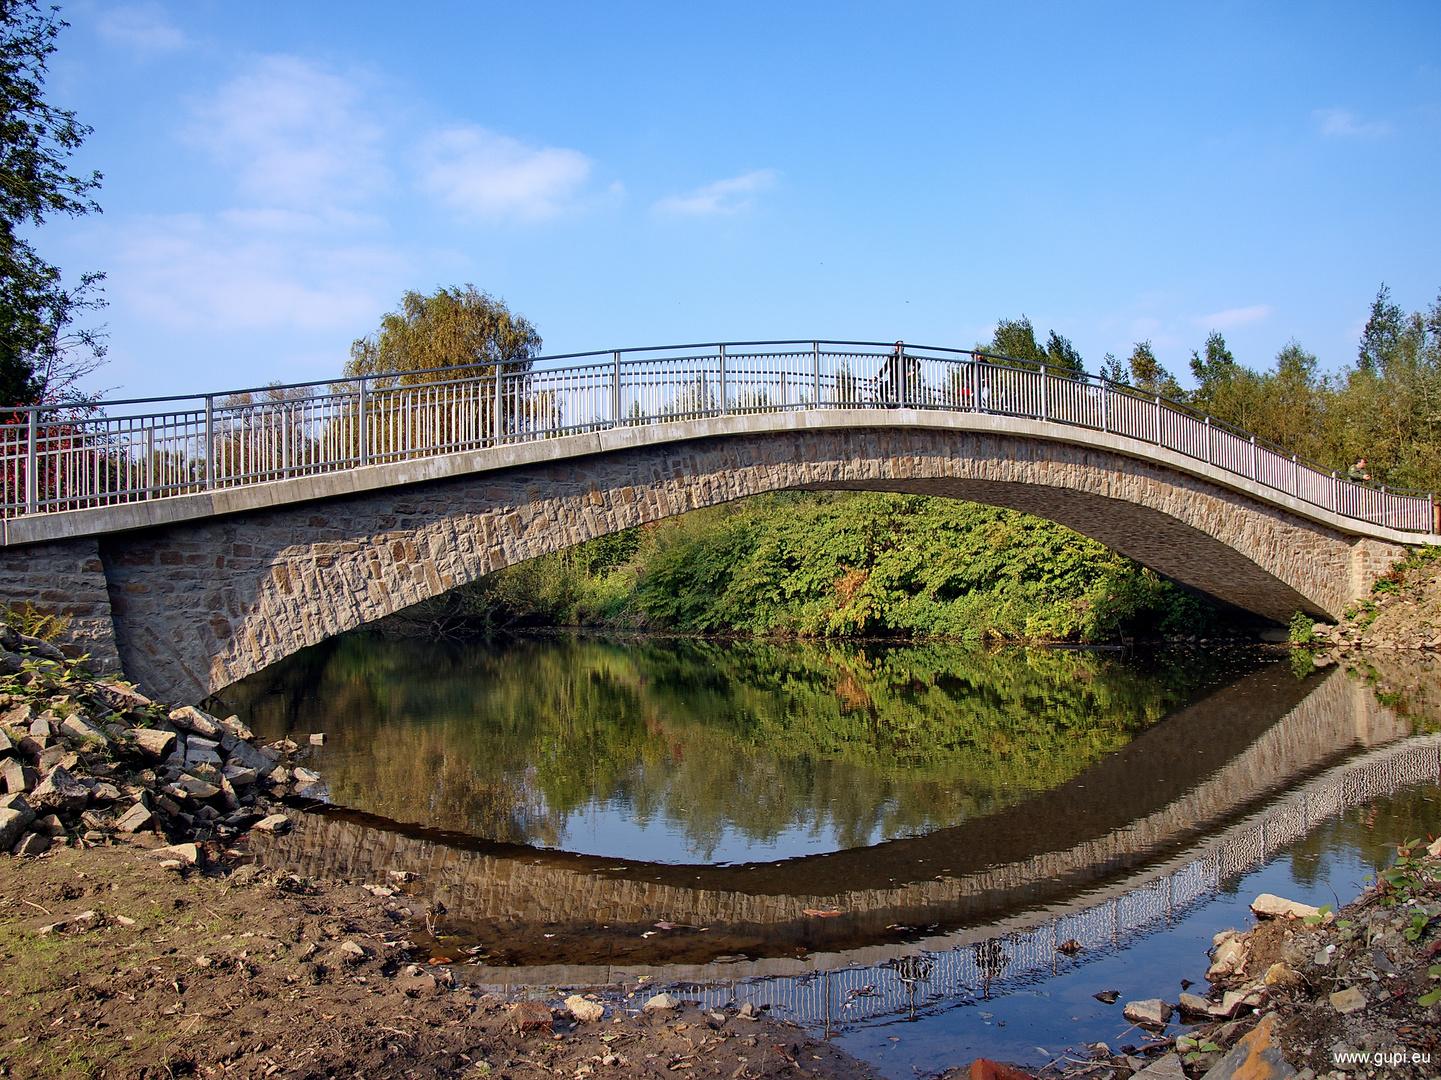 Brücke in Essen-Heisingen Foto & Bild | deutschland ...